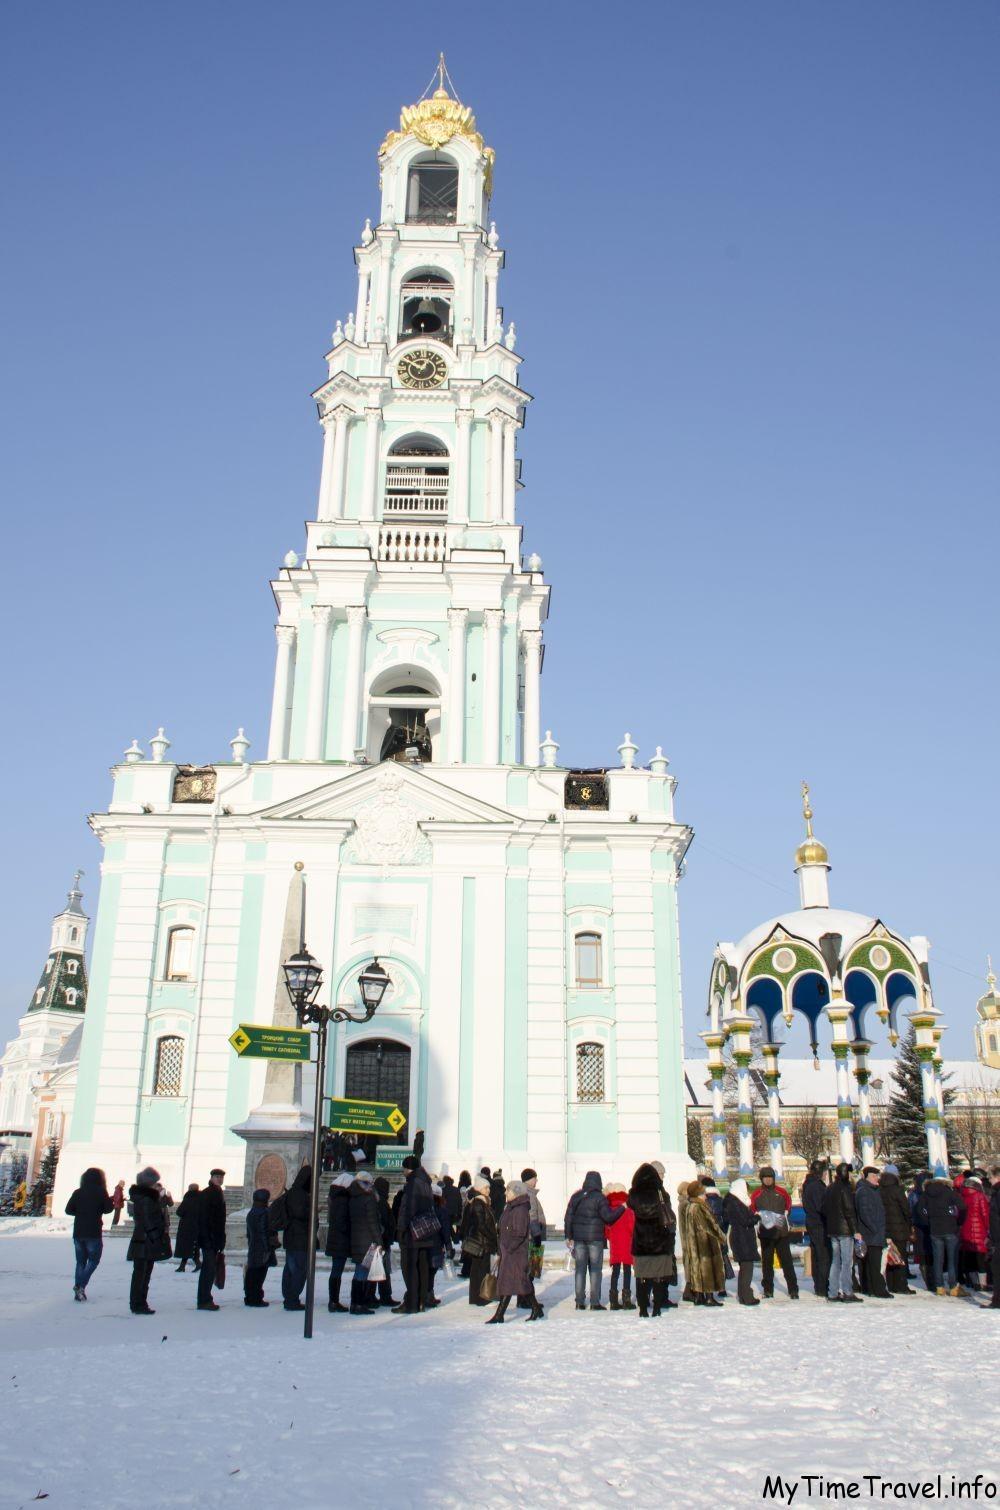 Колокольня Успенского собора в Сергиев Пасаде